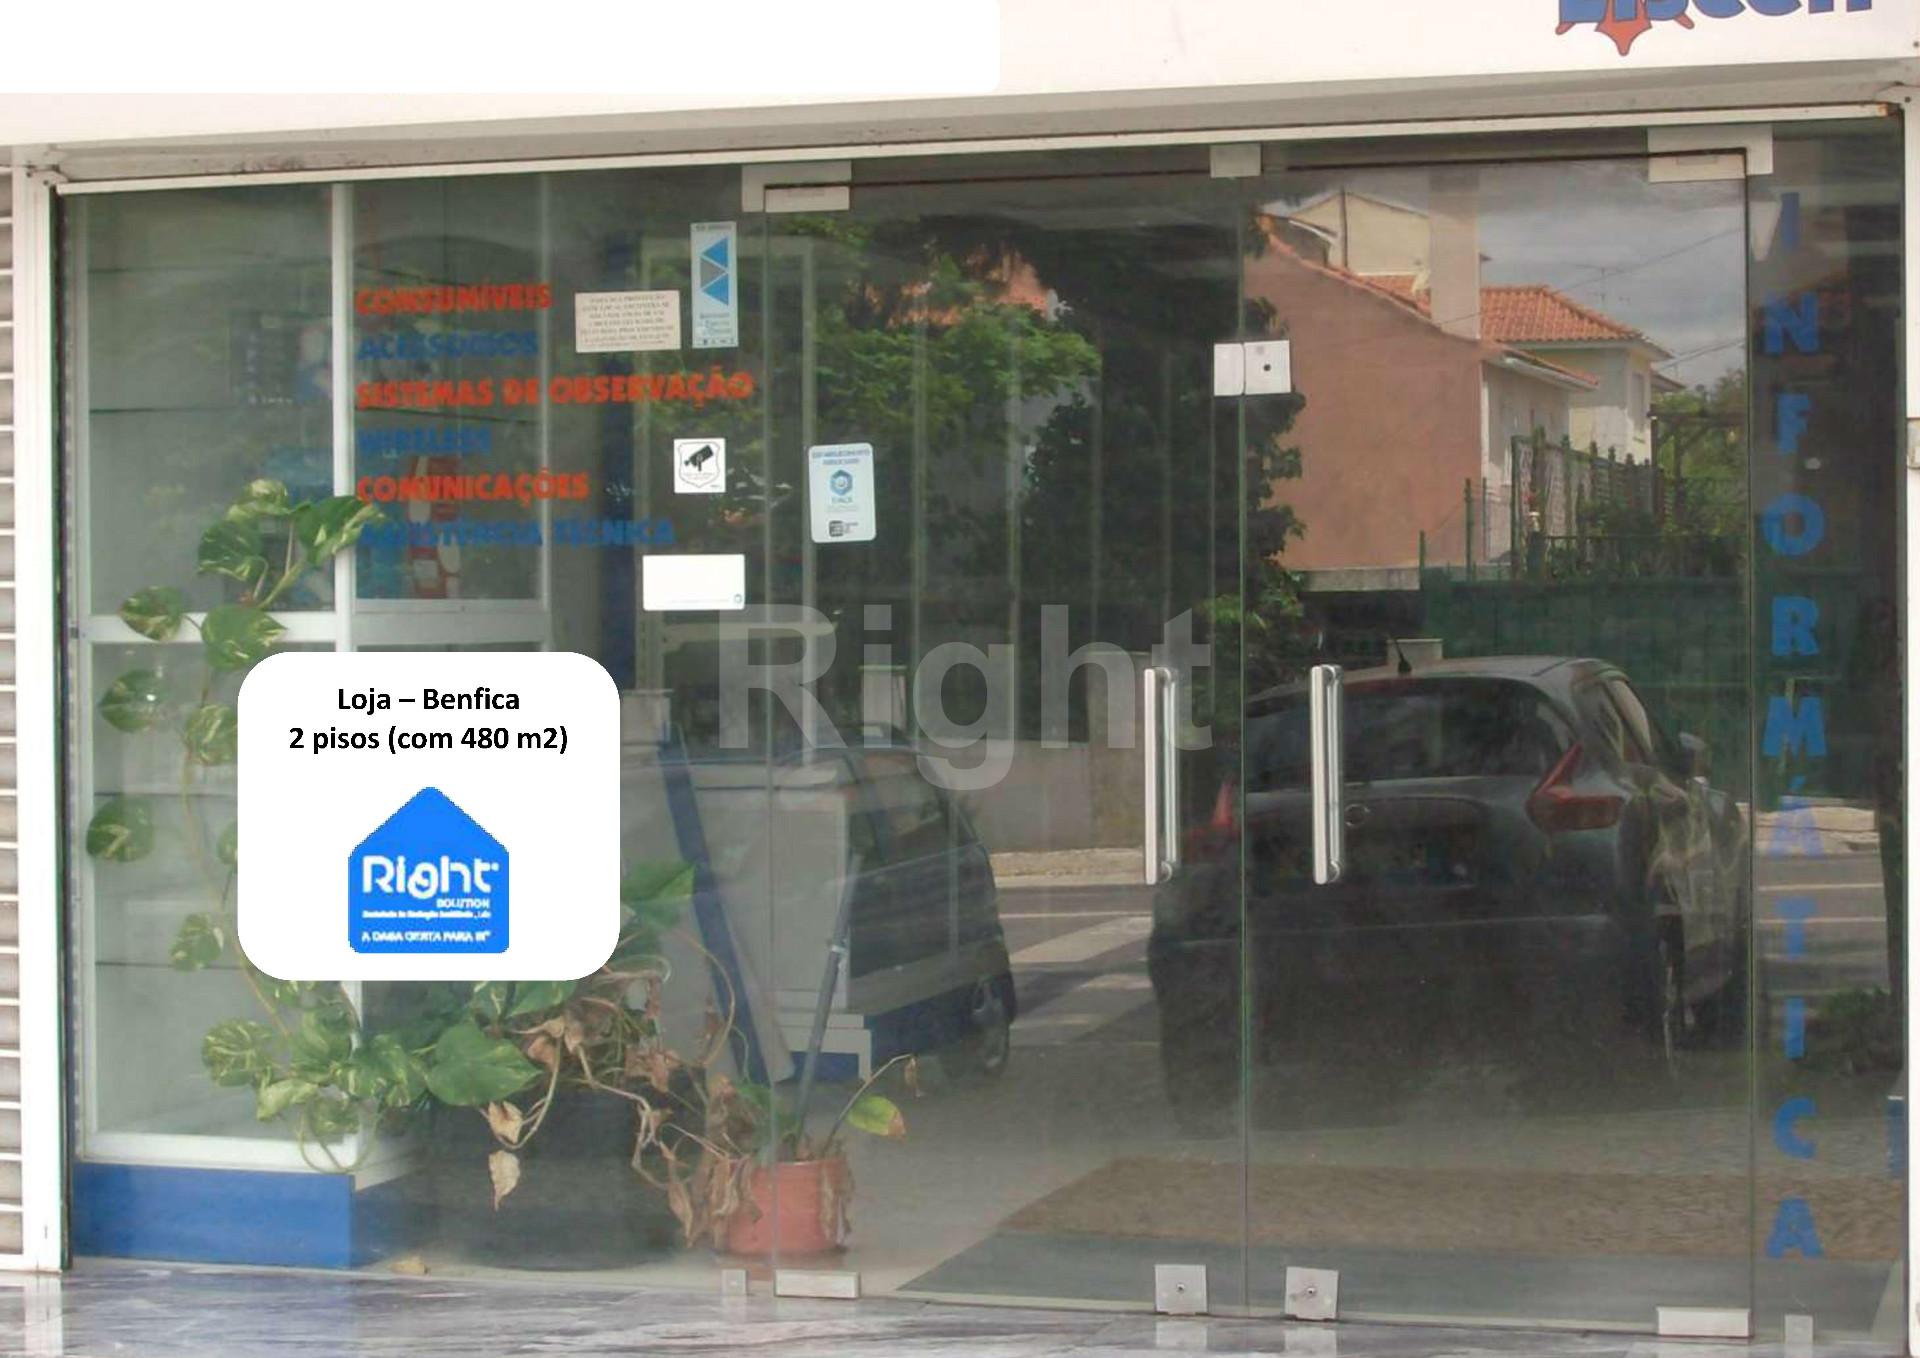 Loja para clínica em Benfica